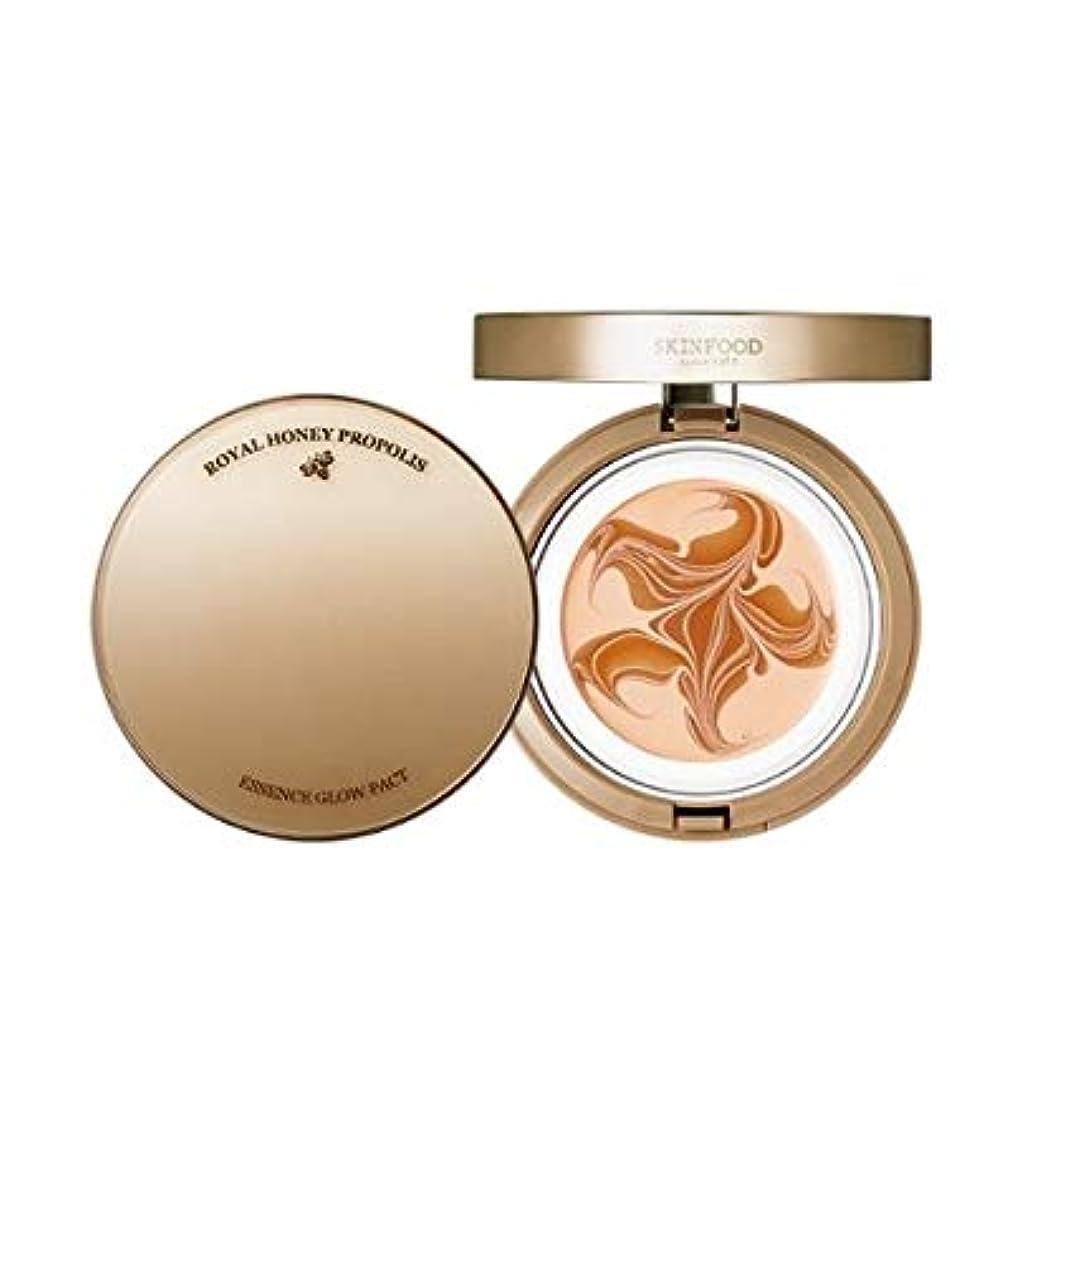 法律によりコマンド擬人化Skinfood ロイヤルハニープロポリスグローエッセンスパクト#No.23サンドベージュ / Royal honey ProPolis Glow Essence Pact #No. 21 Natural Beige 15.5g...